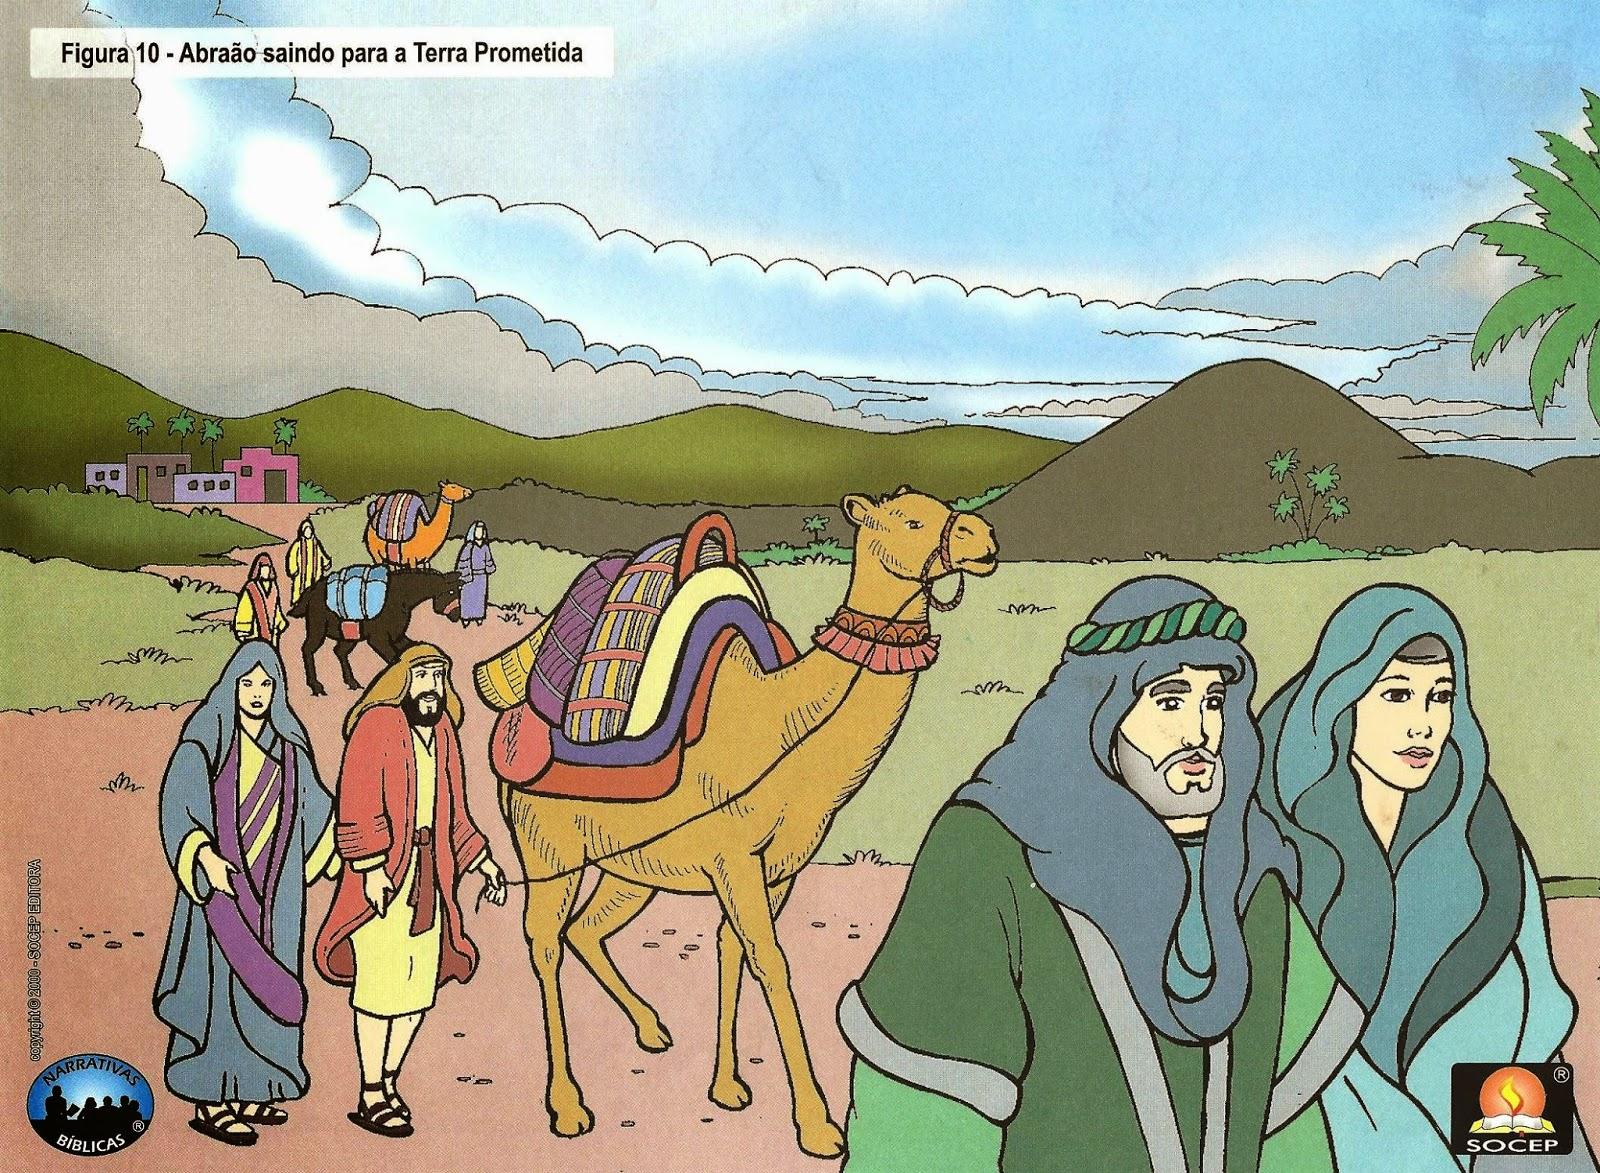 Abraão saindo para a terra prometida